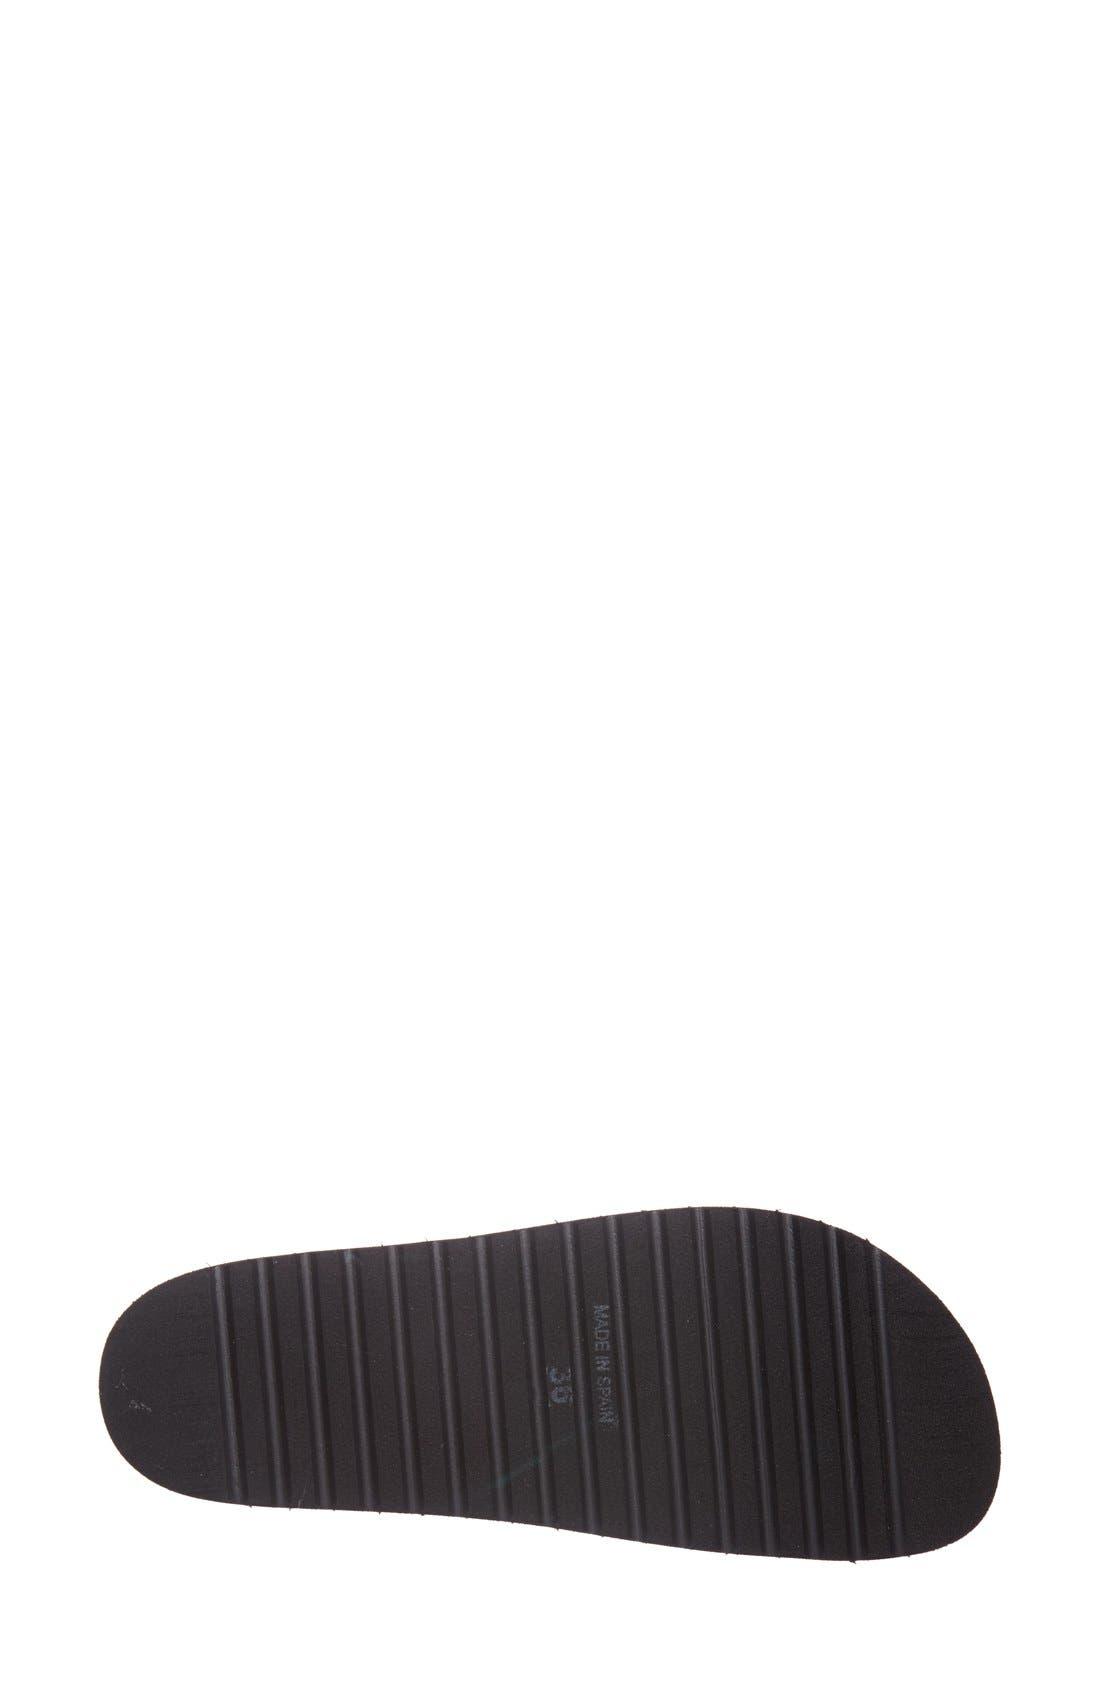 Alternate Image 4  - SIXTYSEVEN 'Isa' Platform Sandal (Women)